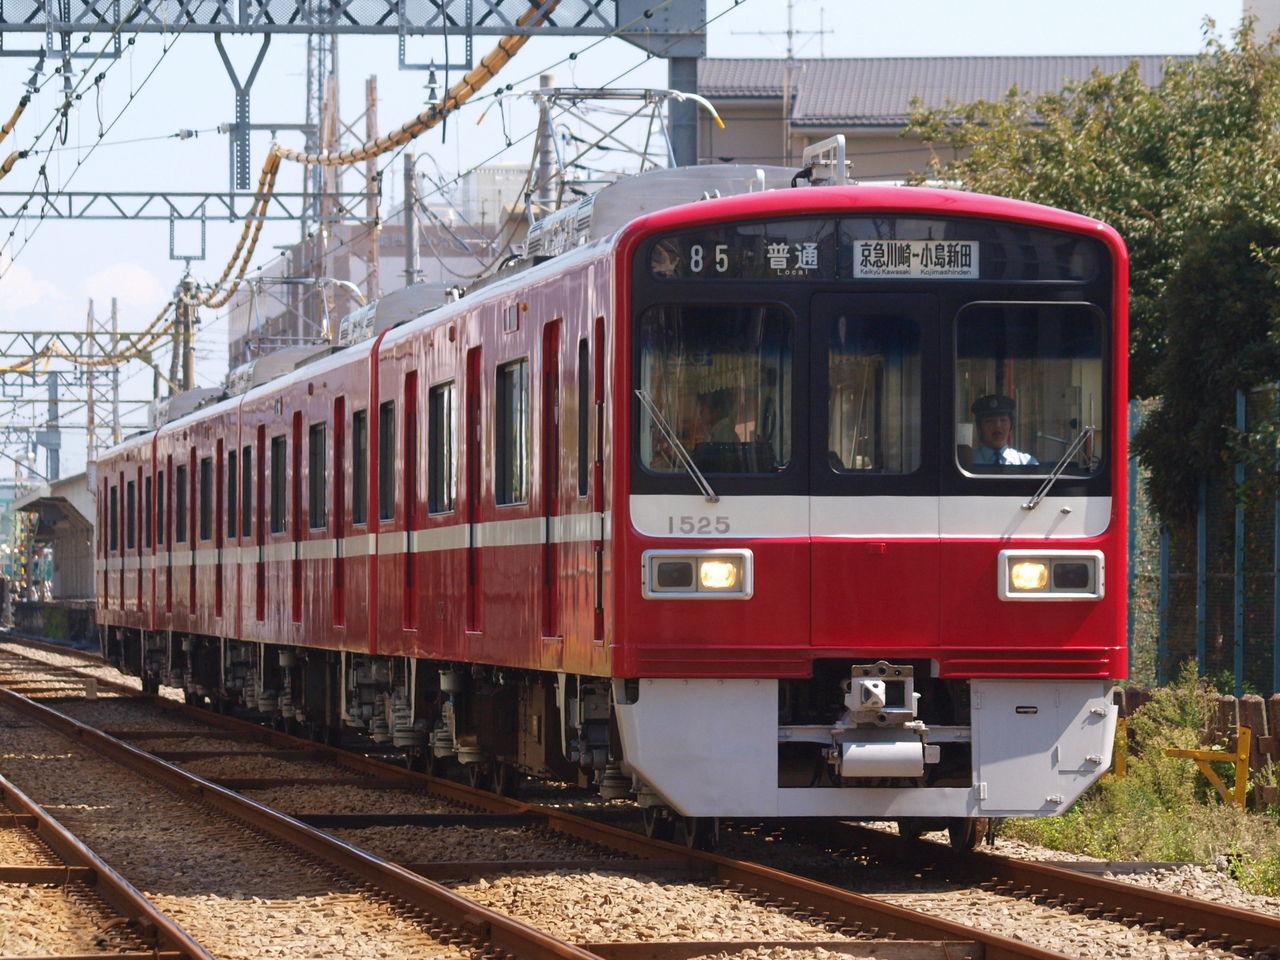 京急ニュース : 京急1500形1525編成 ダイヤ変更後初の大師線運用充当